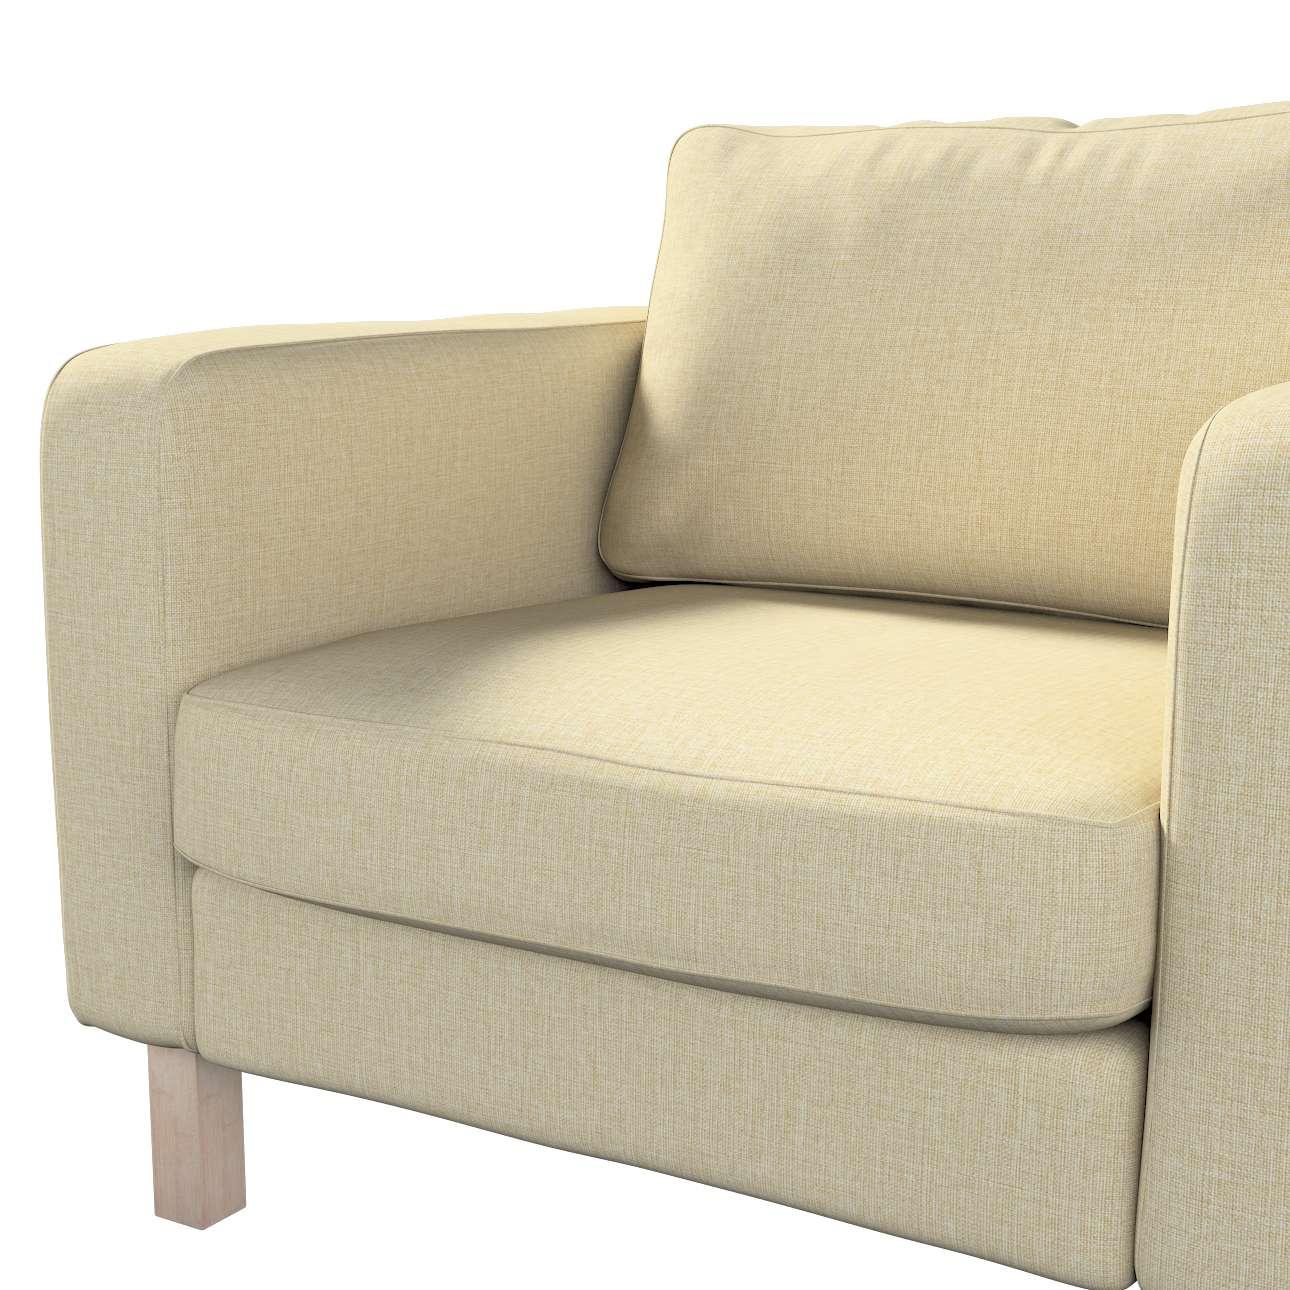 Karlstad päällinen nojatuoli mallistosta Living, Kangas: 161-45